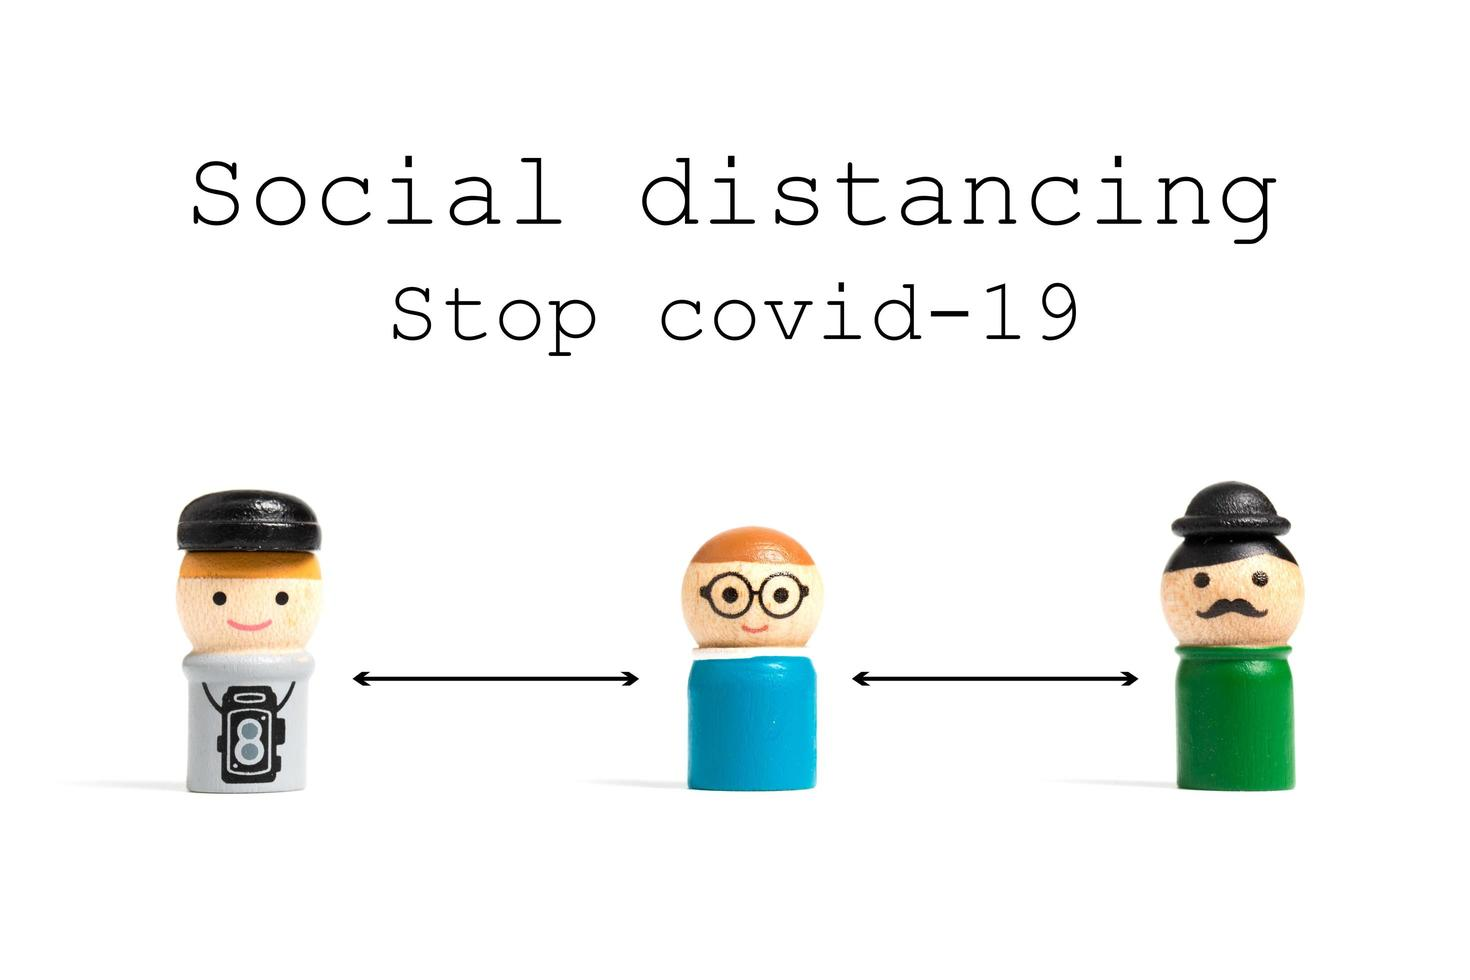 Arrêter le texte de distanciation sociale covid-19 avec des personnes miniatures sur fond blanc, concept de distanciation sociale photo